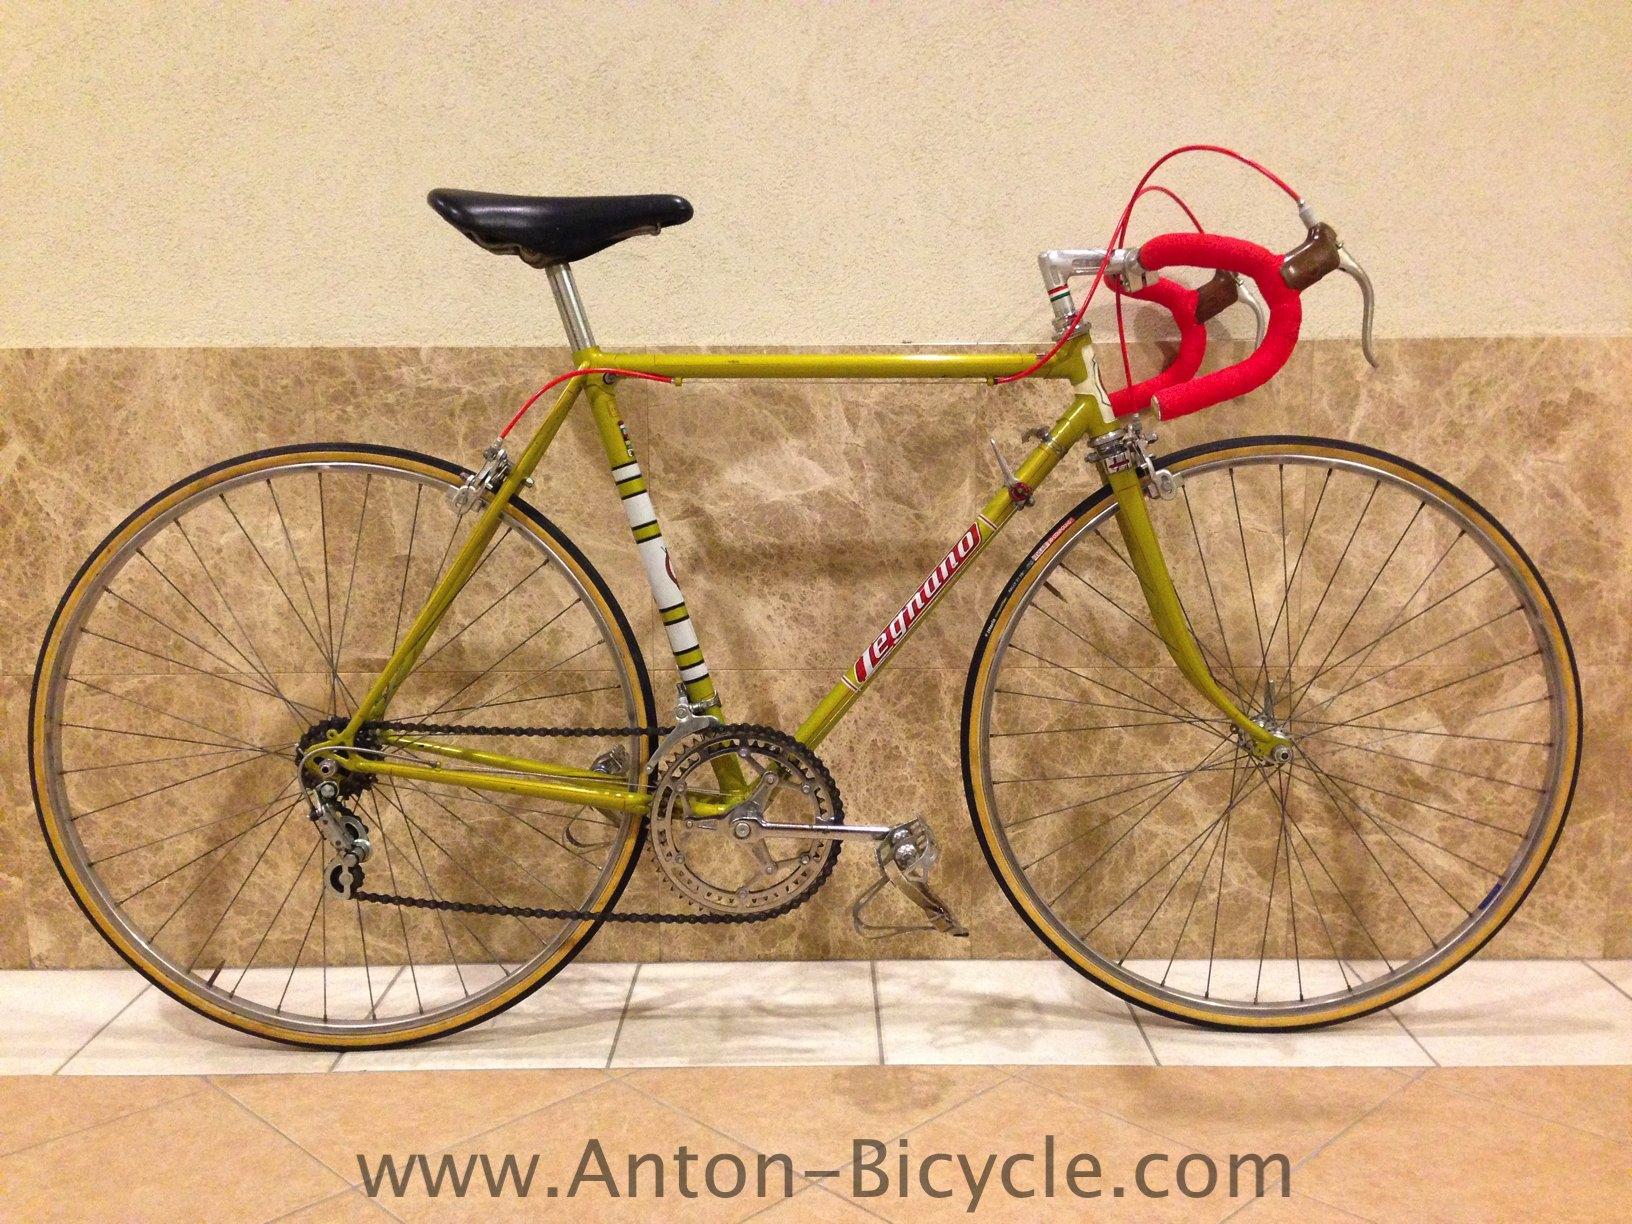 legnano-1969-520-no264